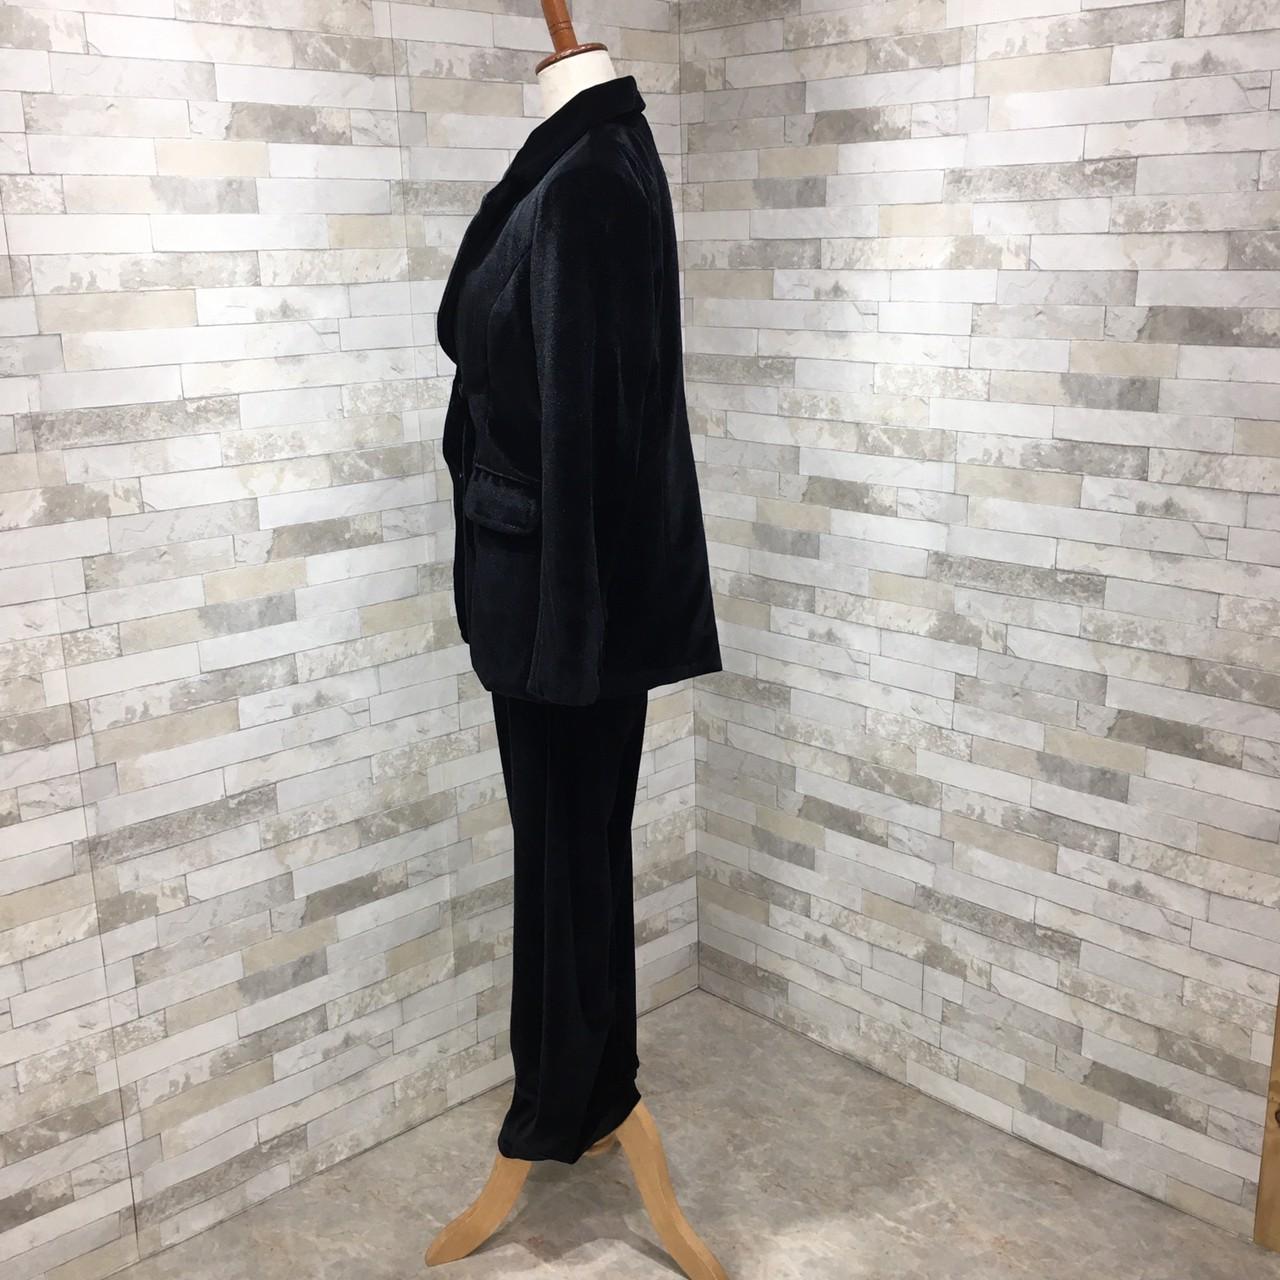 【即納】韓国 ファッション パンツ セットアップ パーティードレス 結婚式 お呼ばれドレス 秋 冬 パーティー ブライダル SPTXH554  起毛 ドレープ テーラードジャ 二次会 セレブ きれいめの写真8枚目